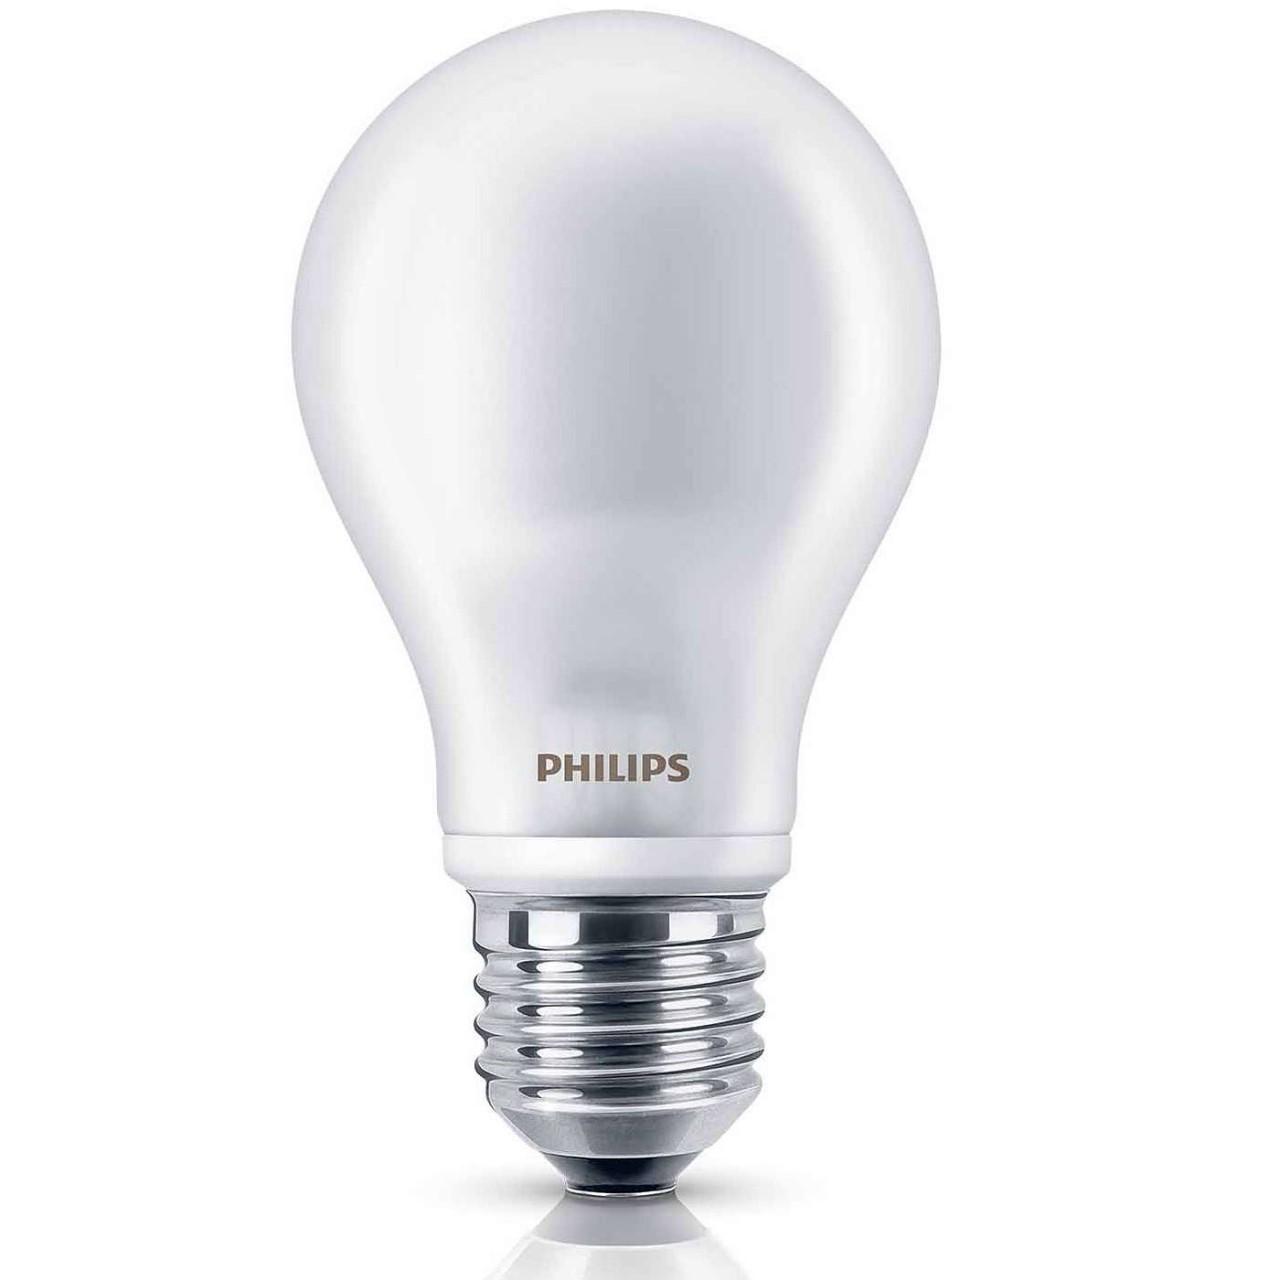 LED Lampe E27 6W 220-240V 2700 Kelvin warmweiß